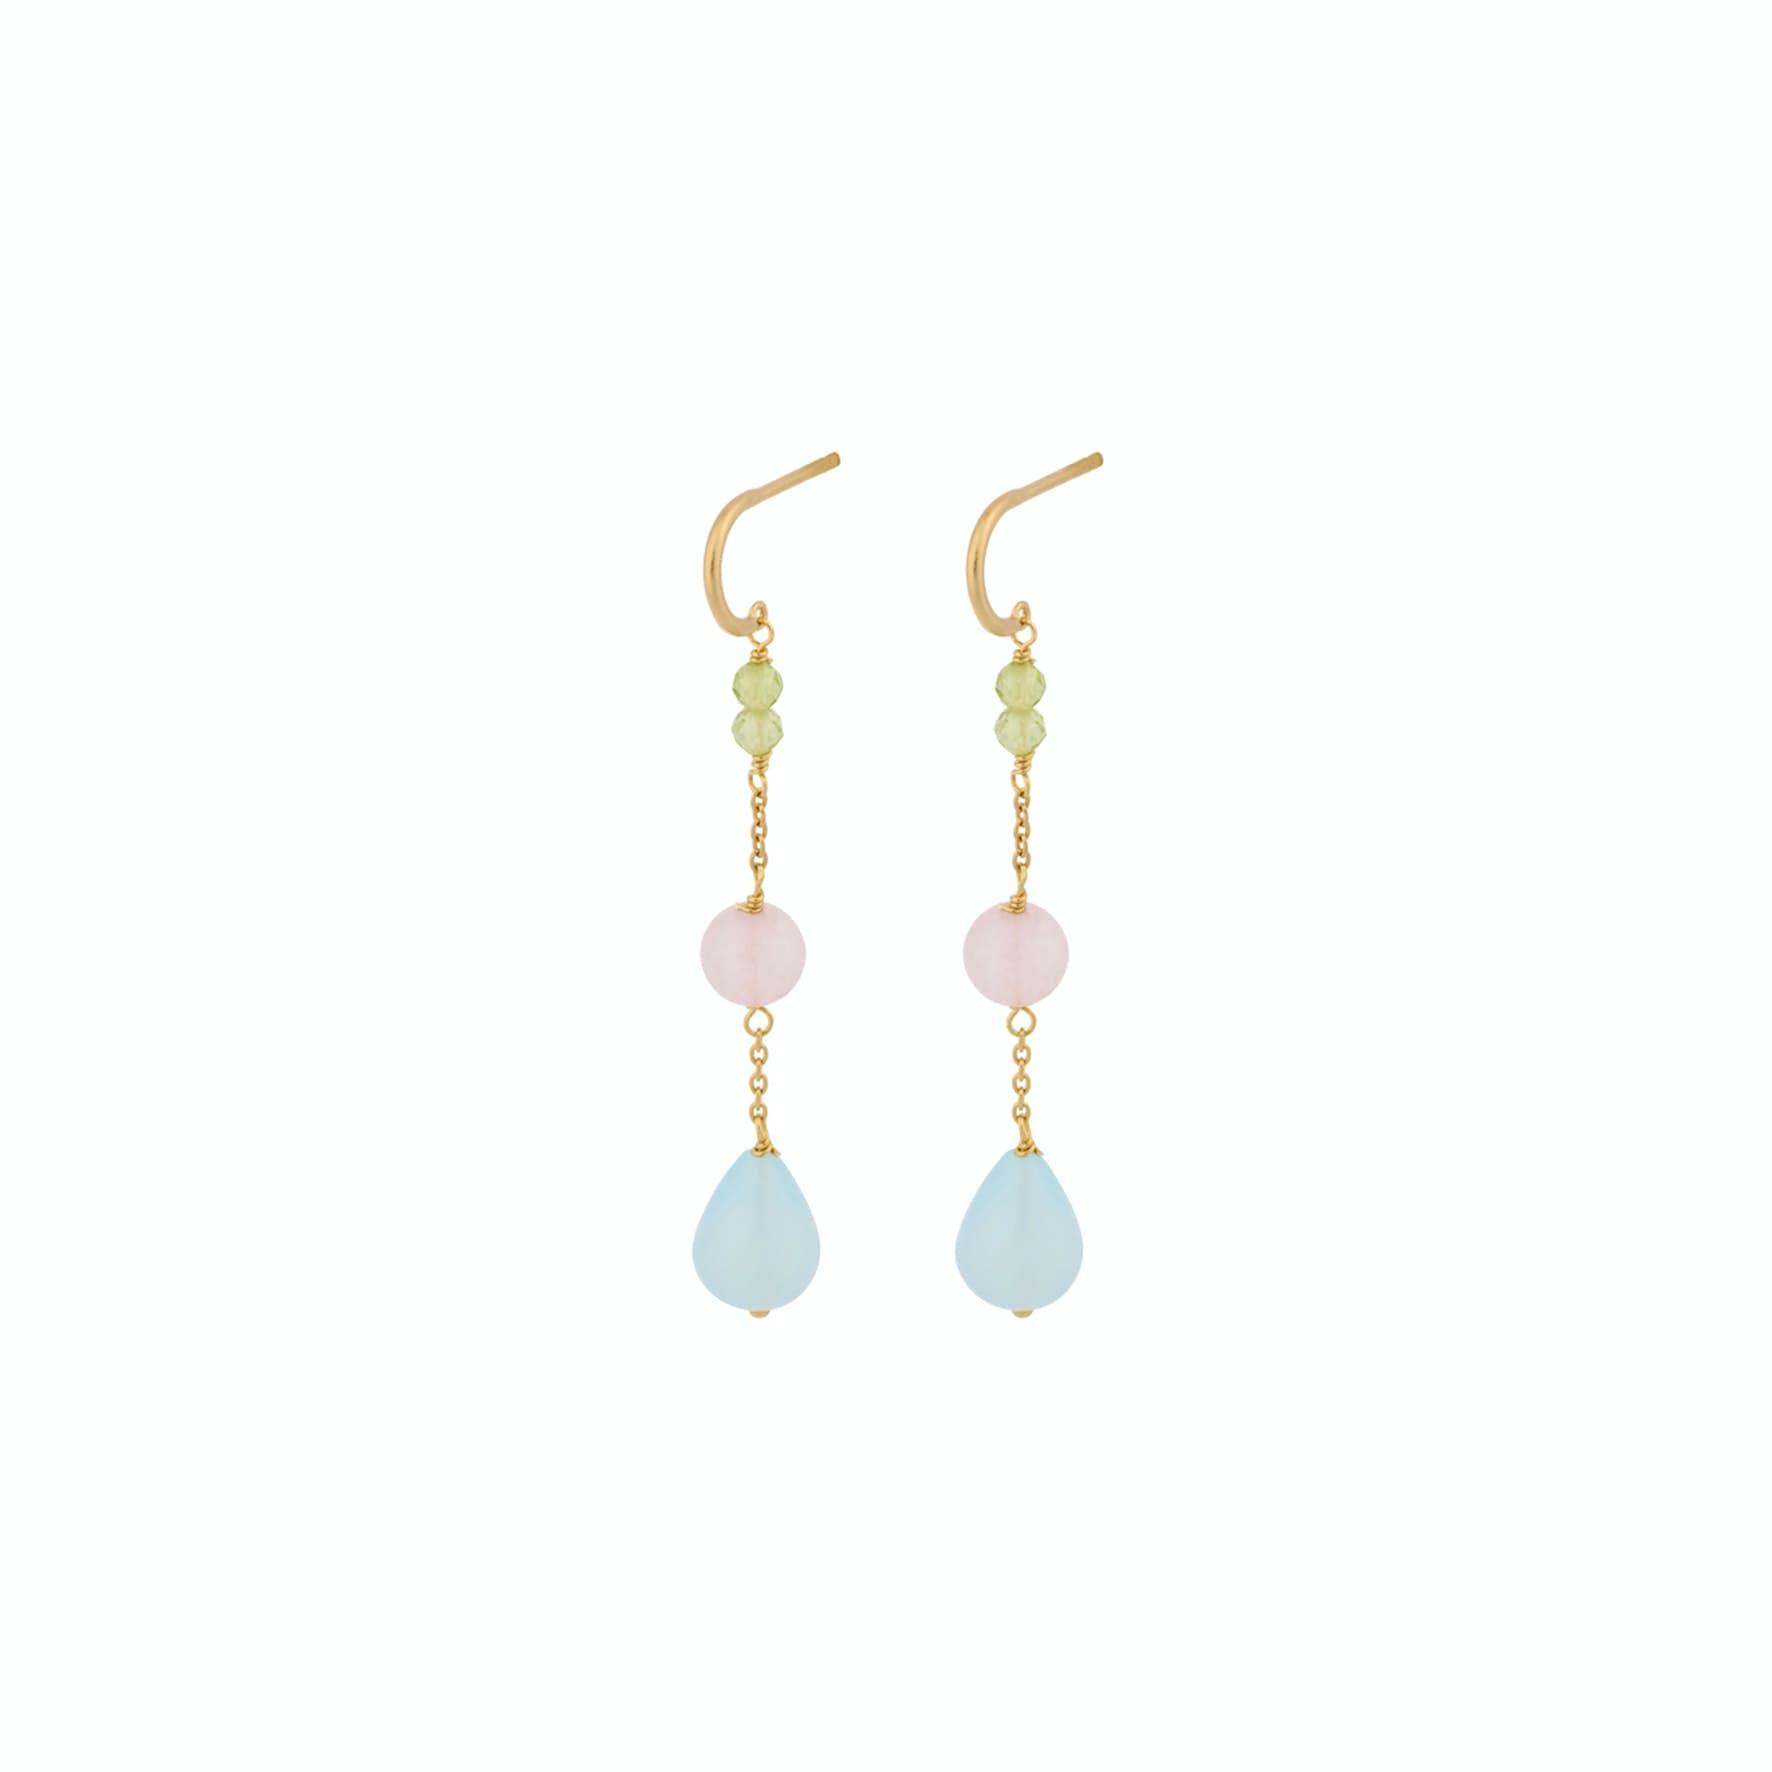 Ocean Shade Earrings von Pernille Corydon in Vergoldet-Silber Sterling 925